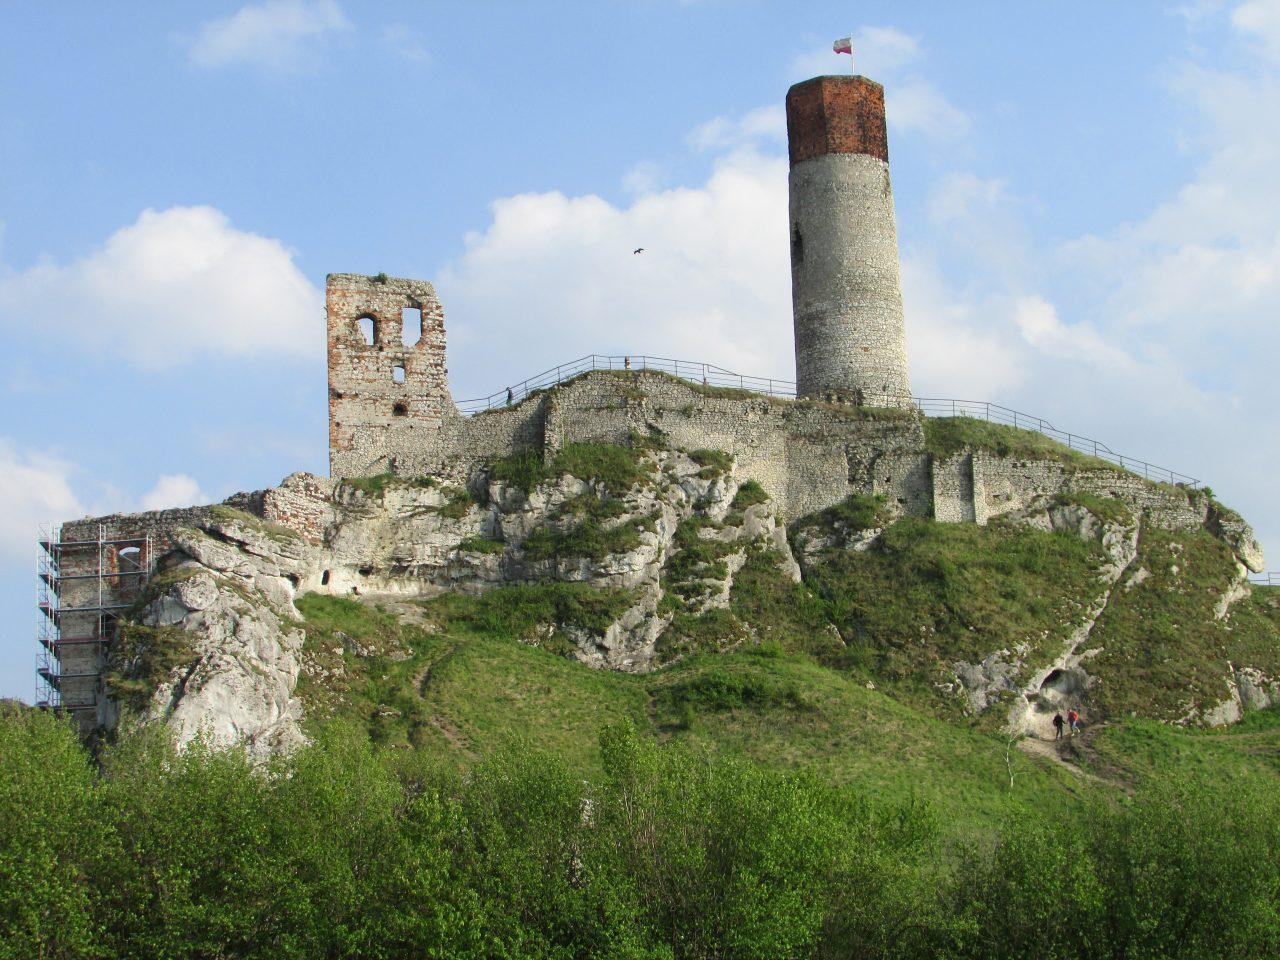 Zamek w Osztynie